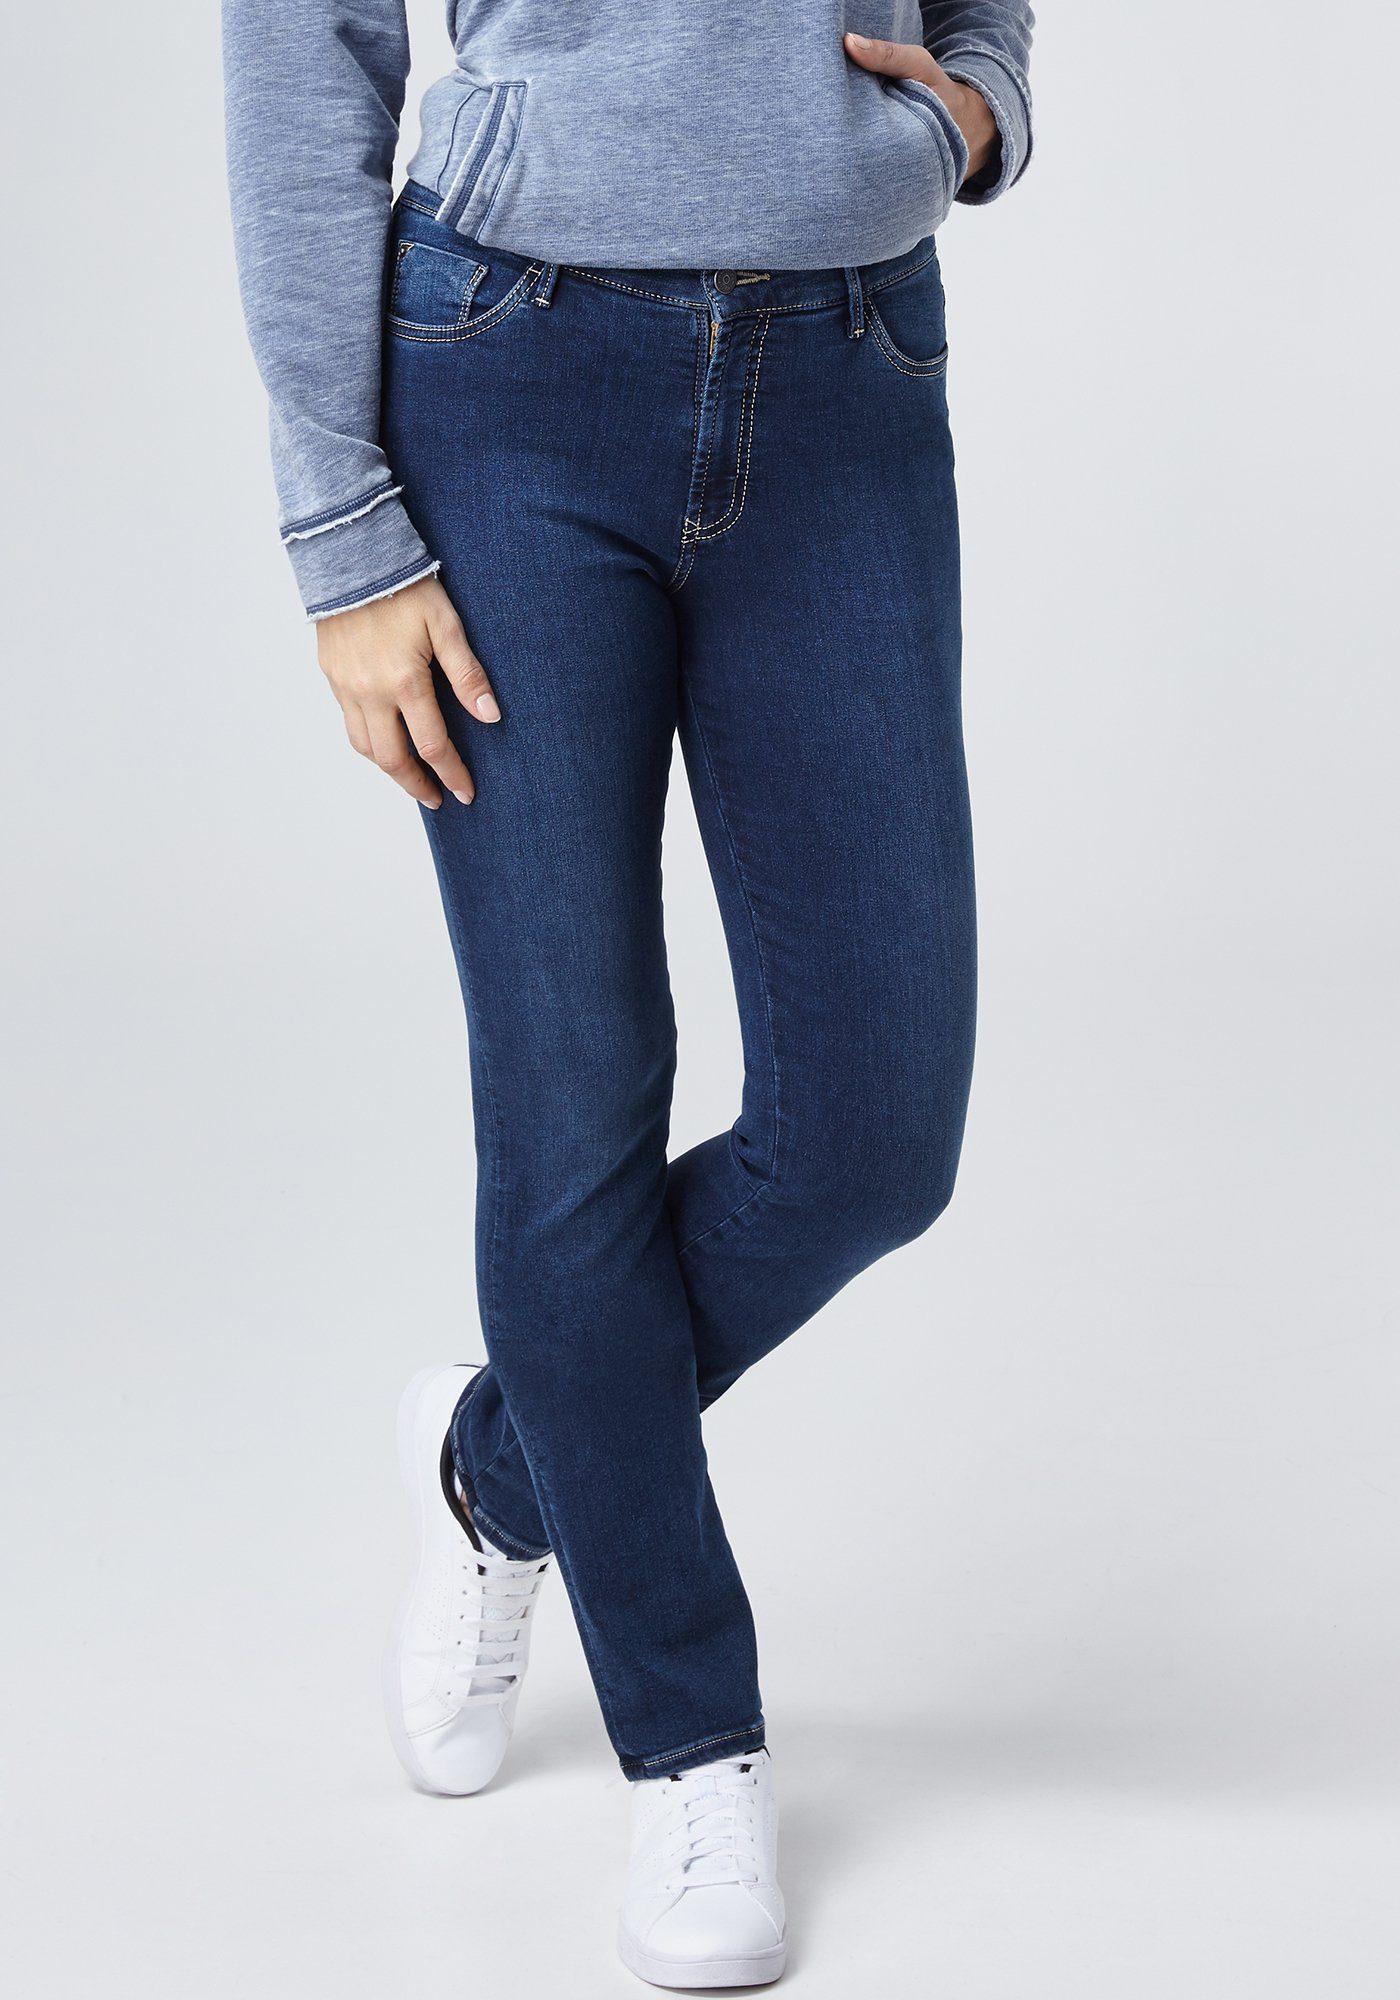 PIONEER Jeans Damen KATE